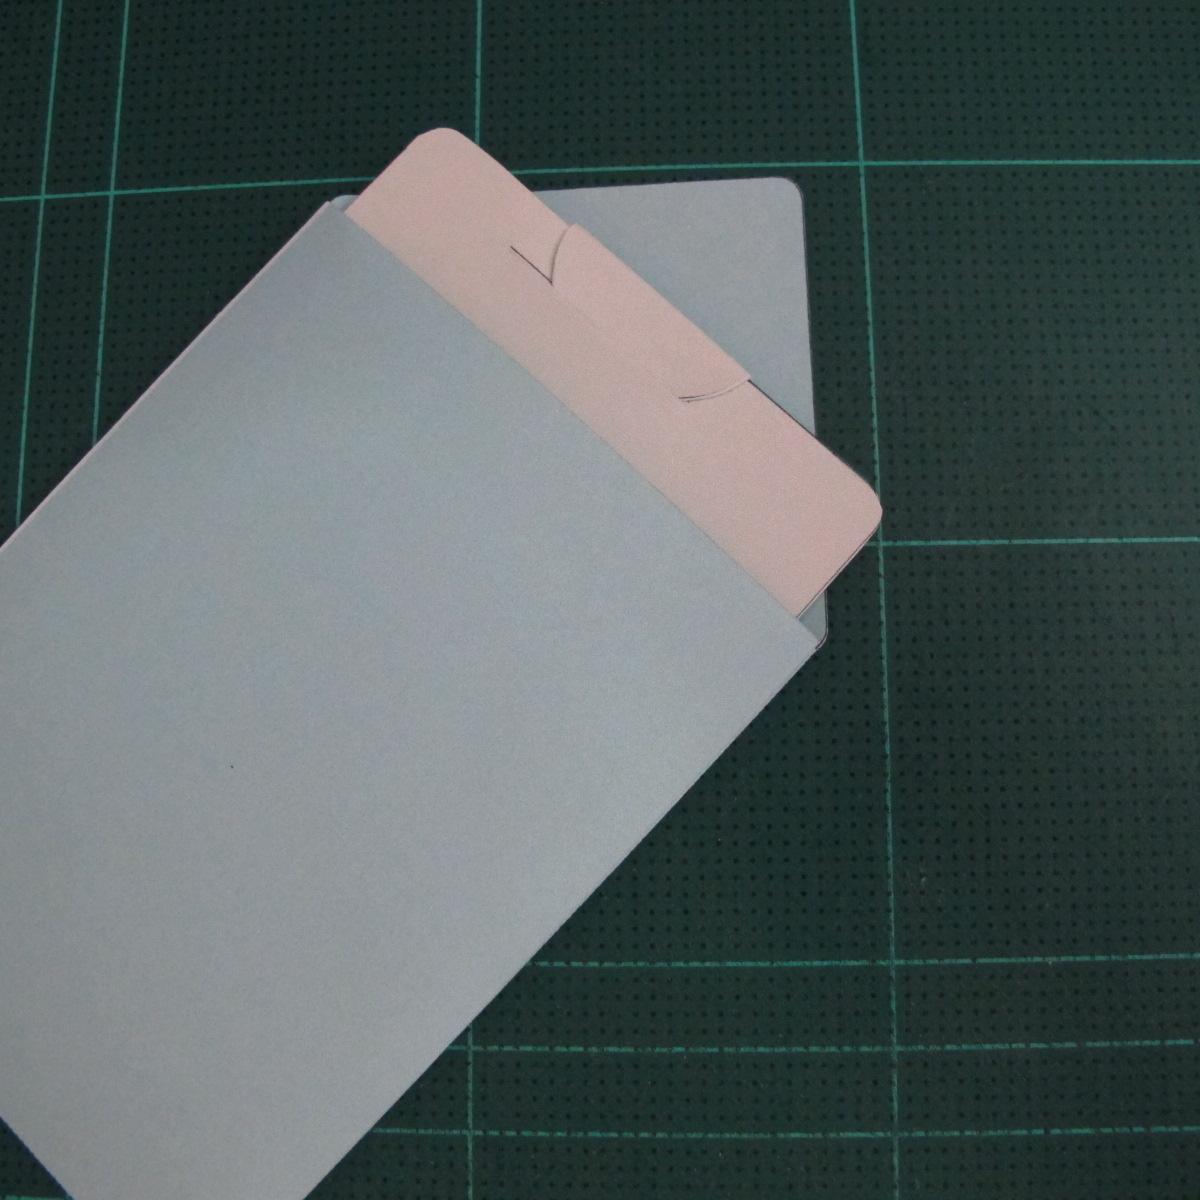 การทำการ์ดอวยพรลายต้นคริสต์มาสแบบป็อปอัป (Card Making Christmas Trees Pop-Up Card Template) 018